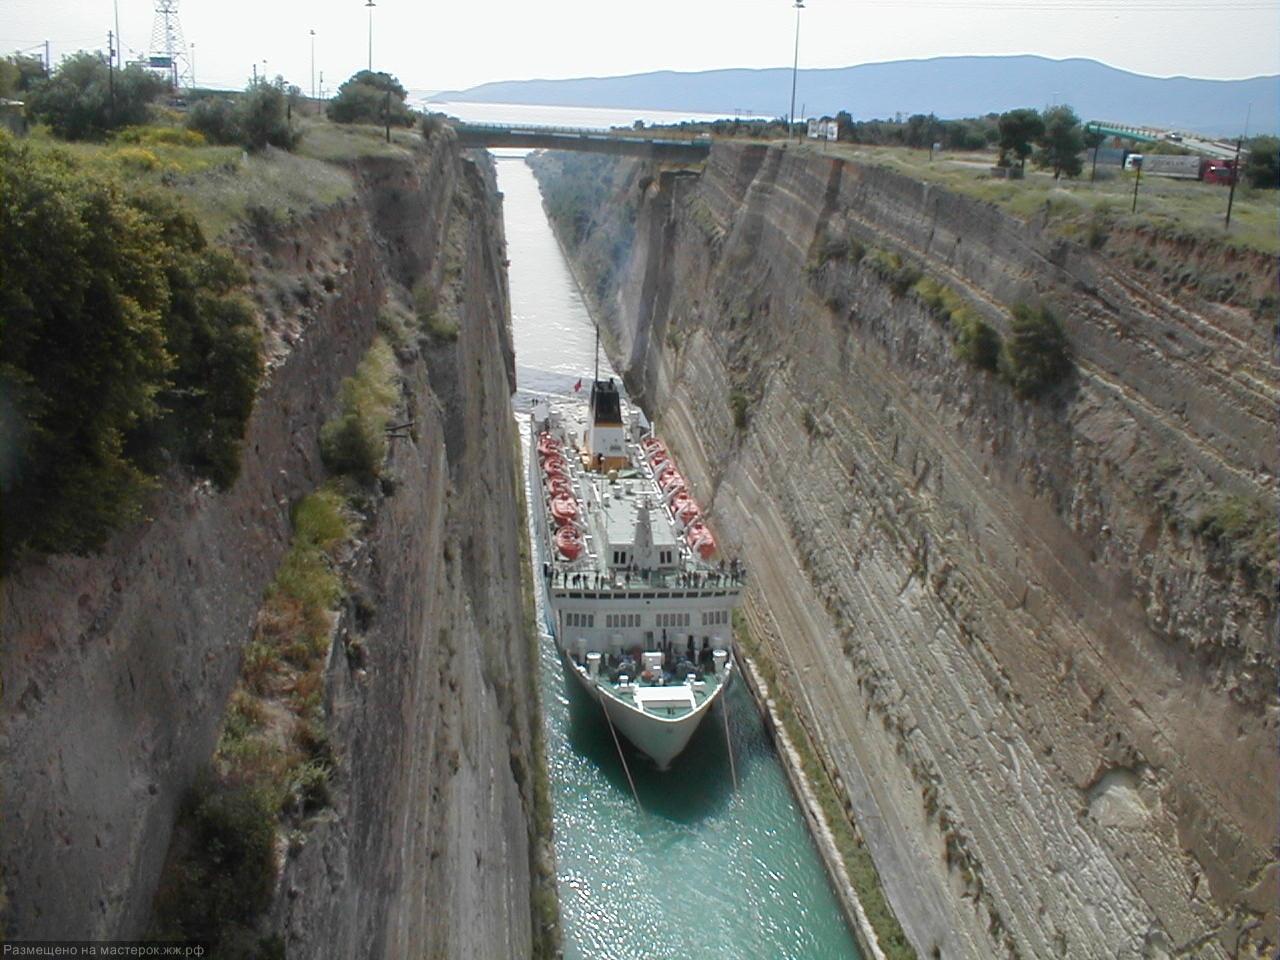 Картинки по запросу Остатки древних каналов и гидросооружений по всему миру